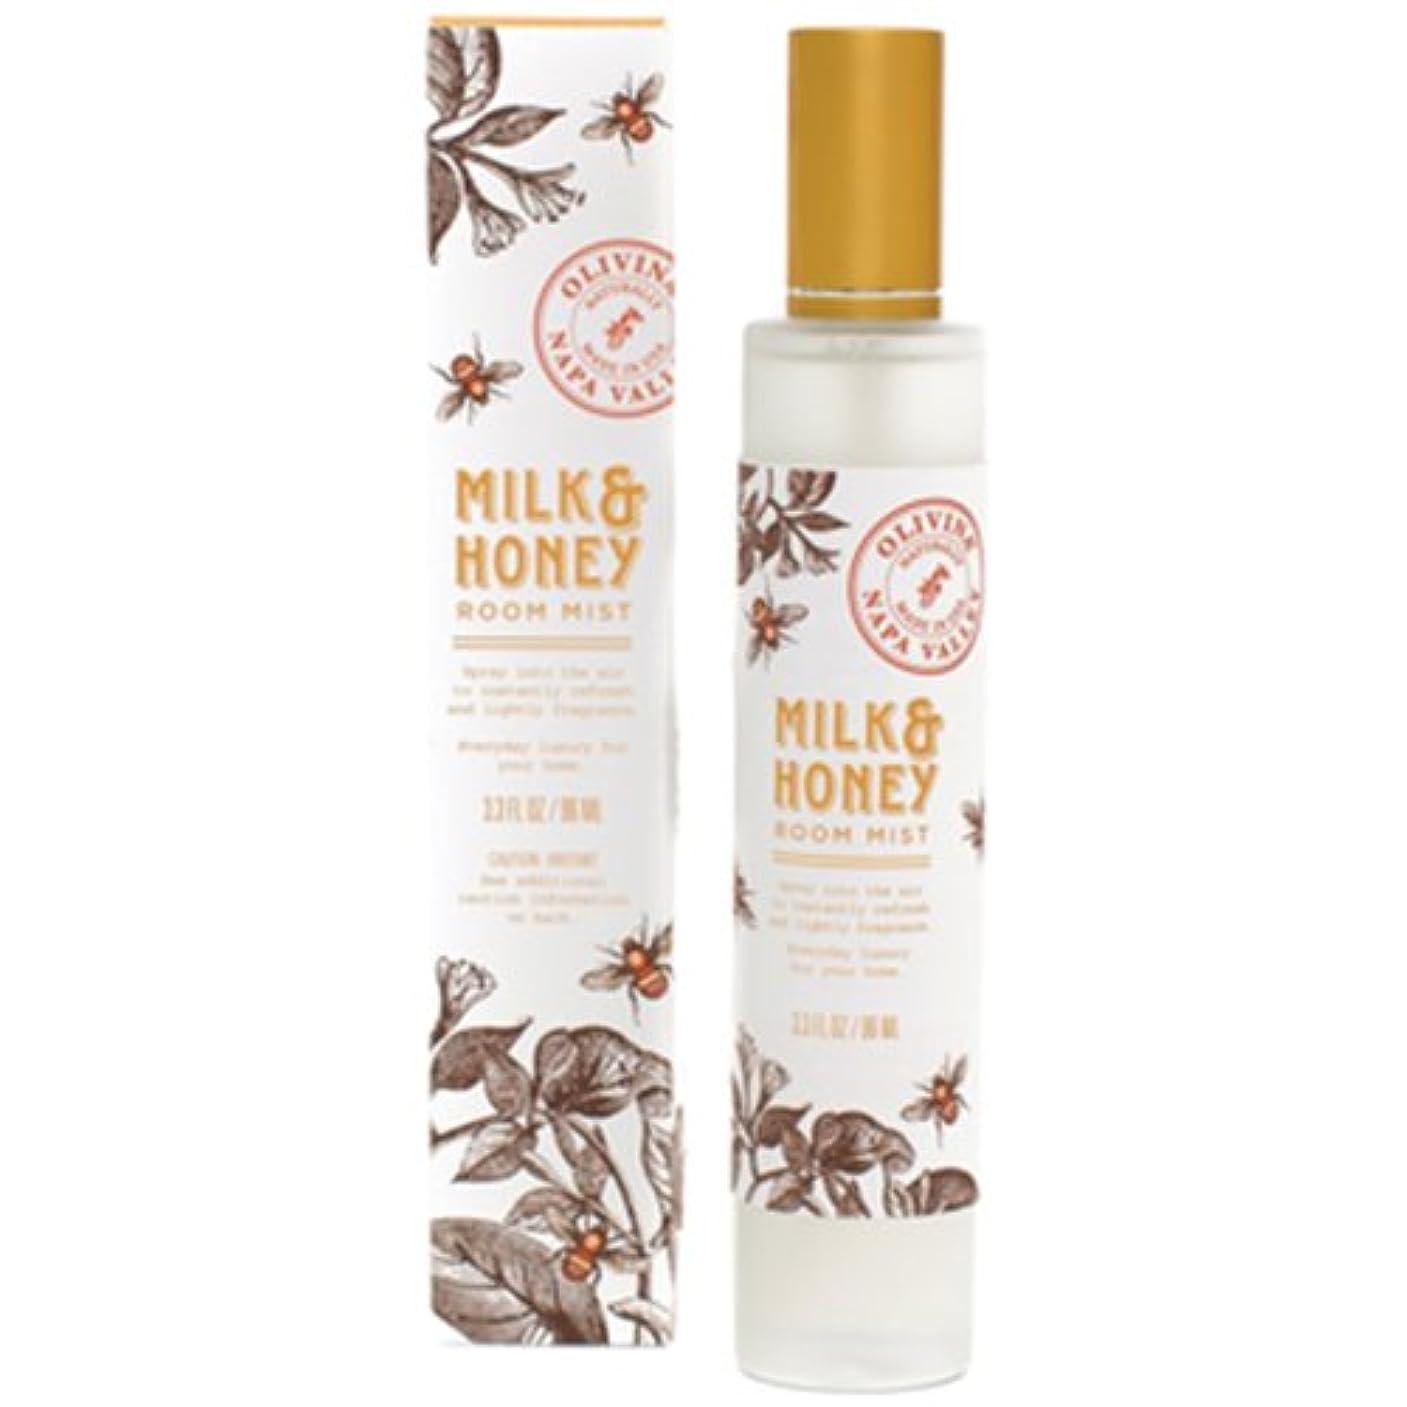 図心のこもったオッズNapa Valley Apothecary milk&honey ミルク&ハニー ルームミスト room mist ナパバレーアポセカリー Olivina オリビーナ